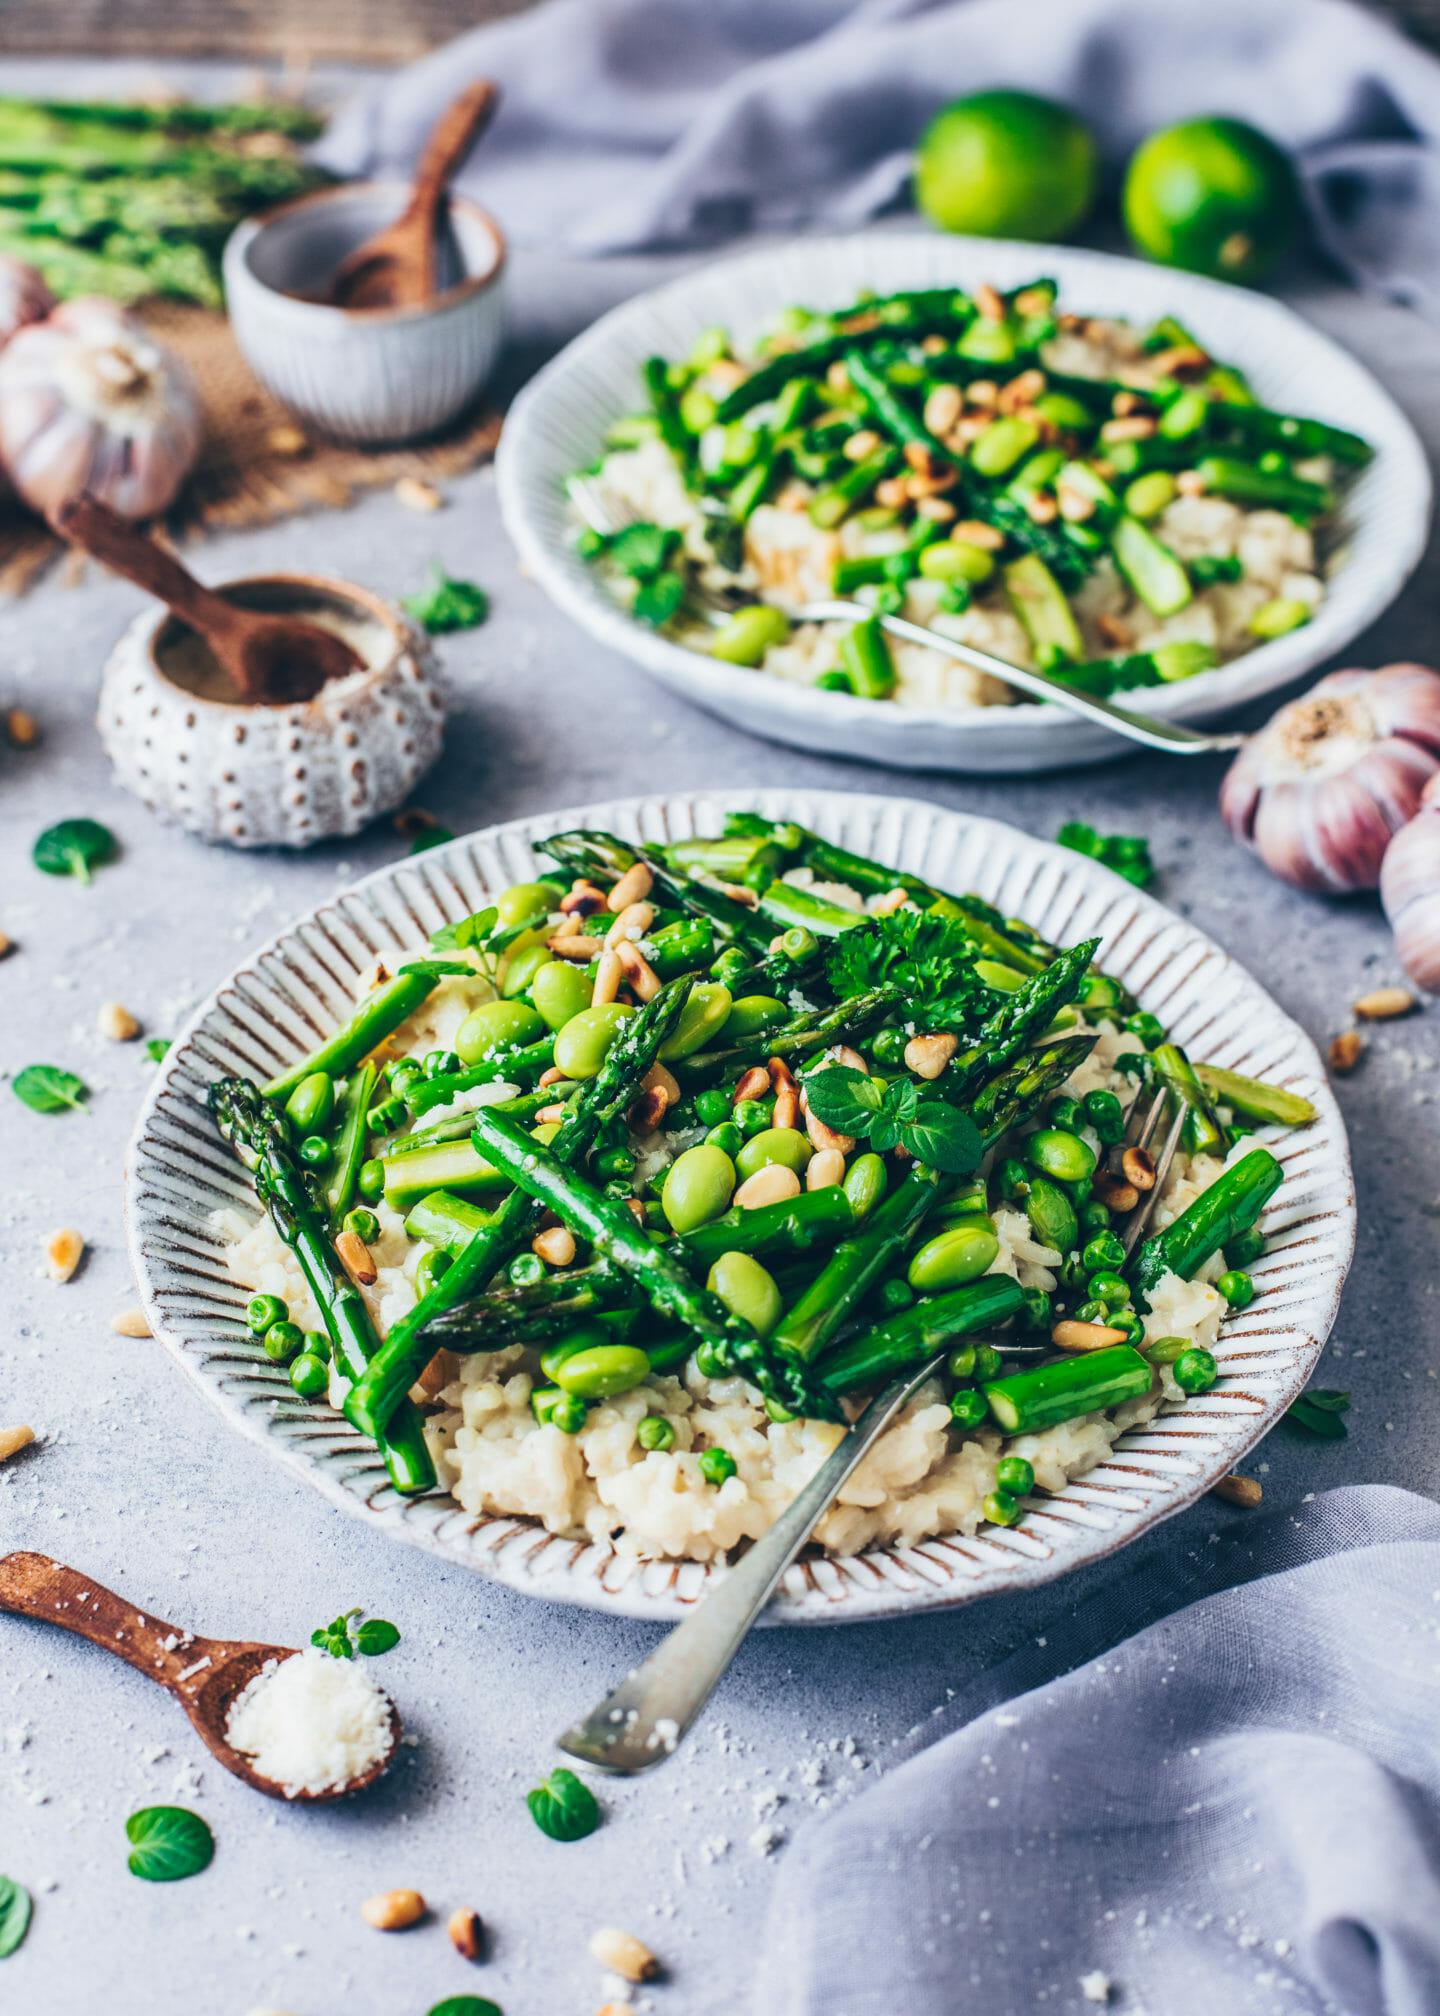 Spargel-Risotto mit Erbsen, Edamame, Pinienkerne und veganem Parmesan